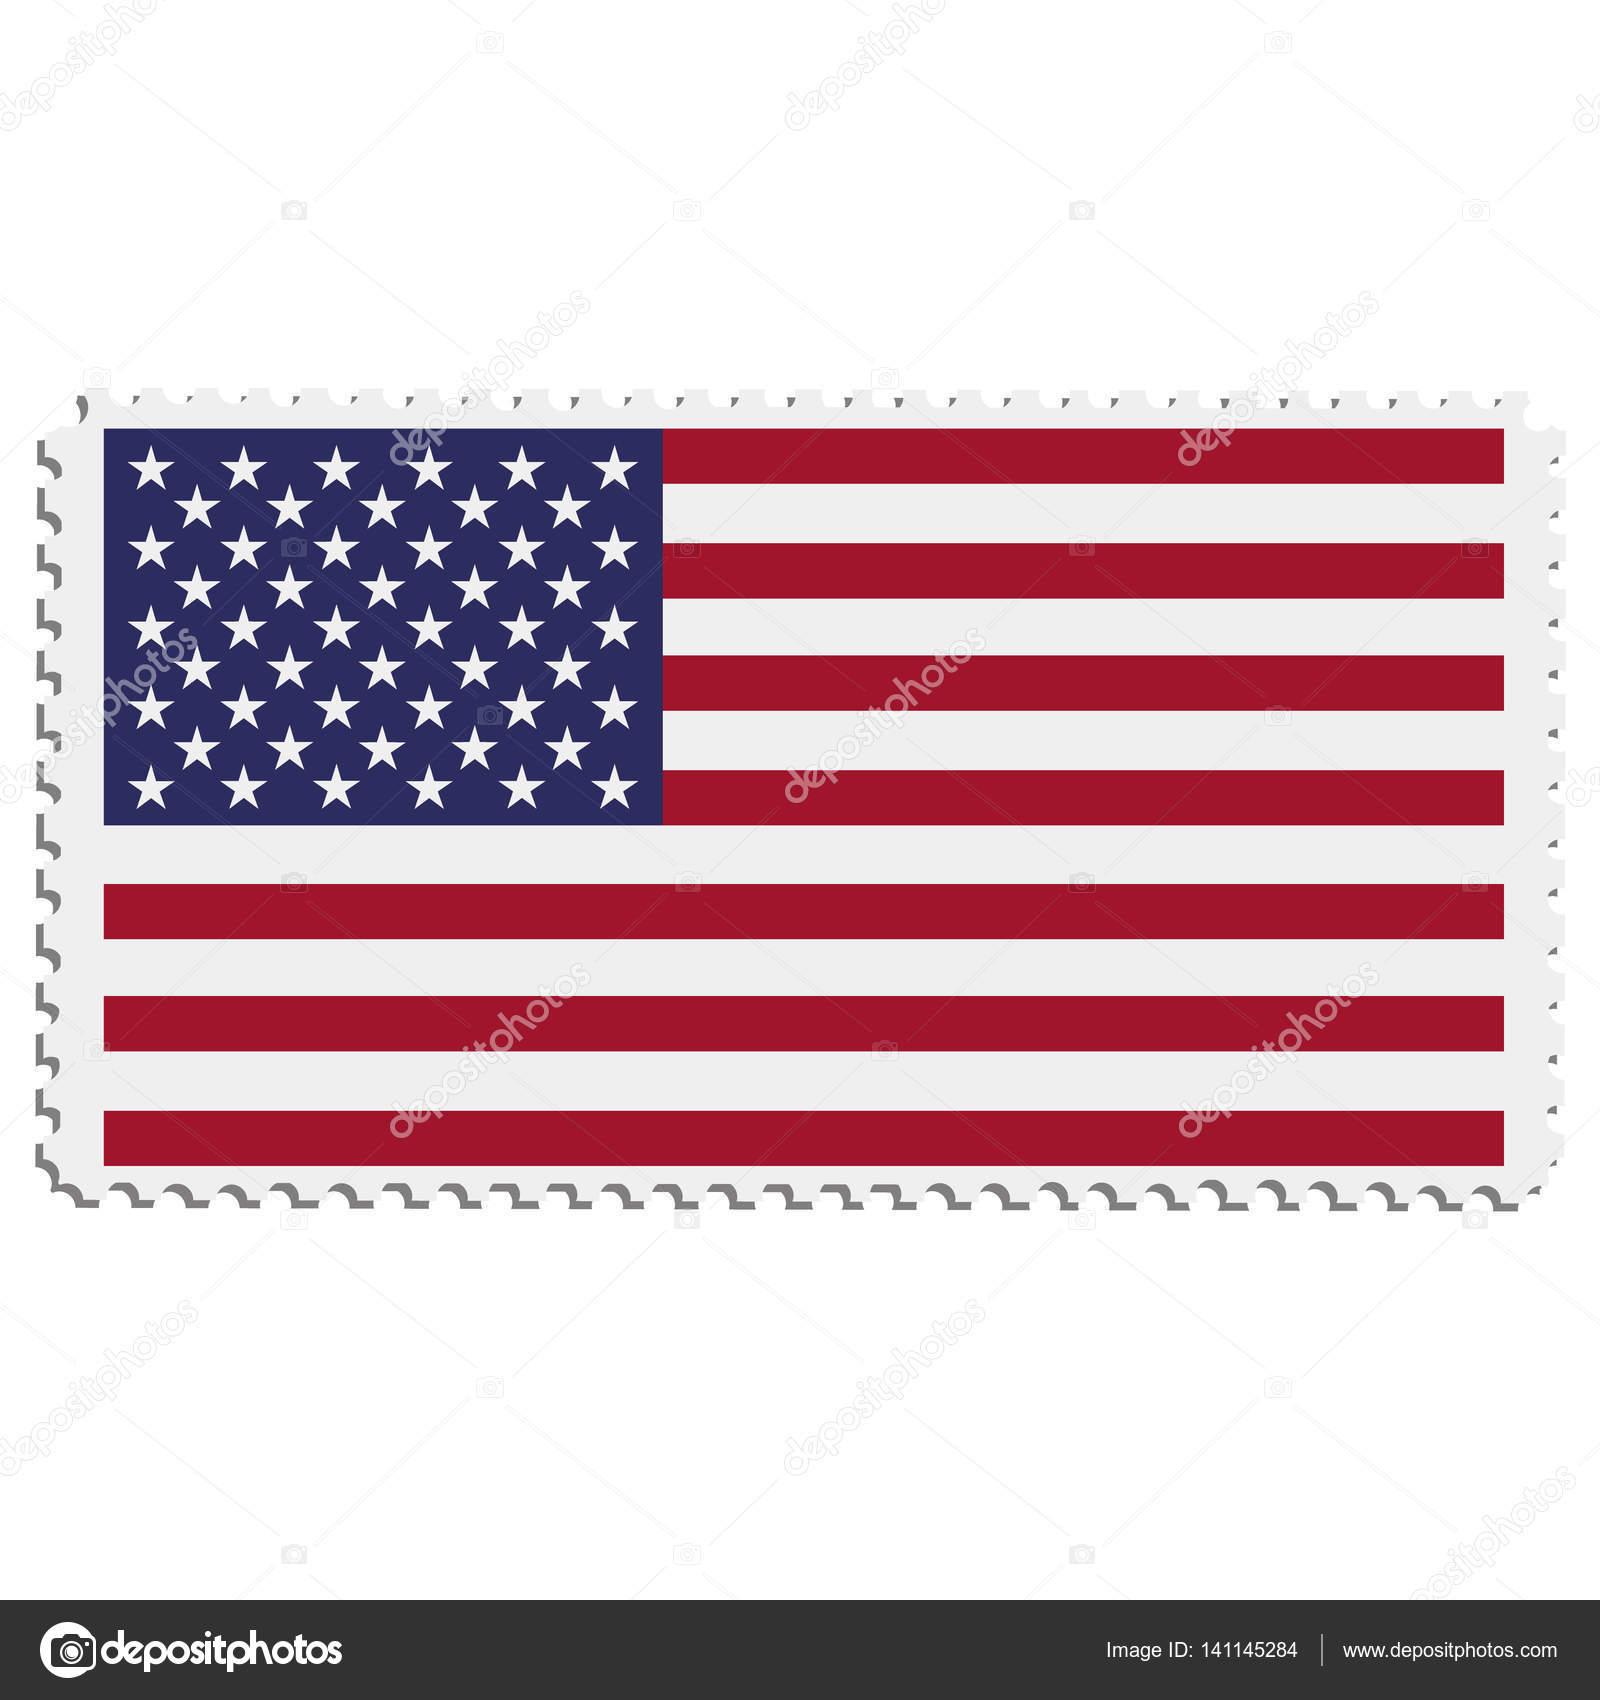 Bandera americana en estampilla — Foto de stock © viktorijareut ...